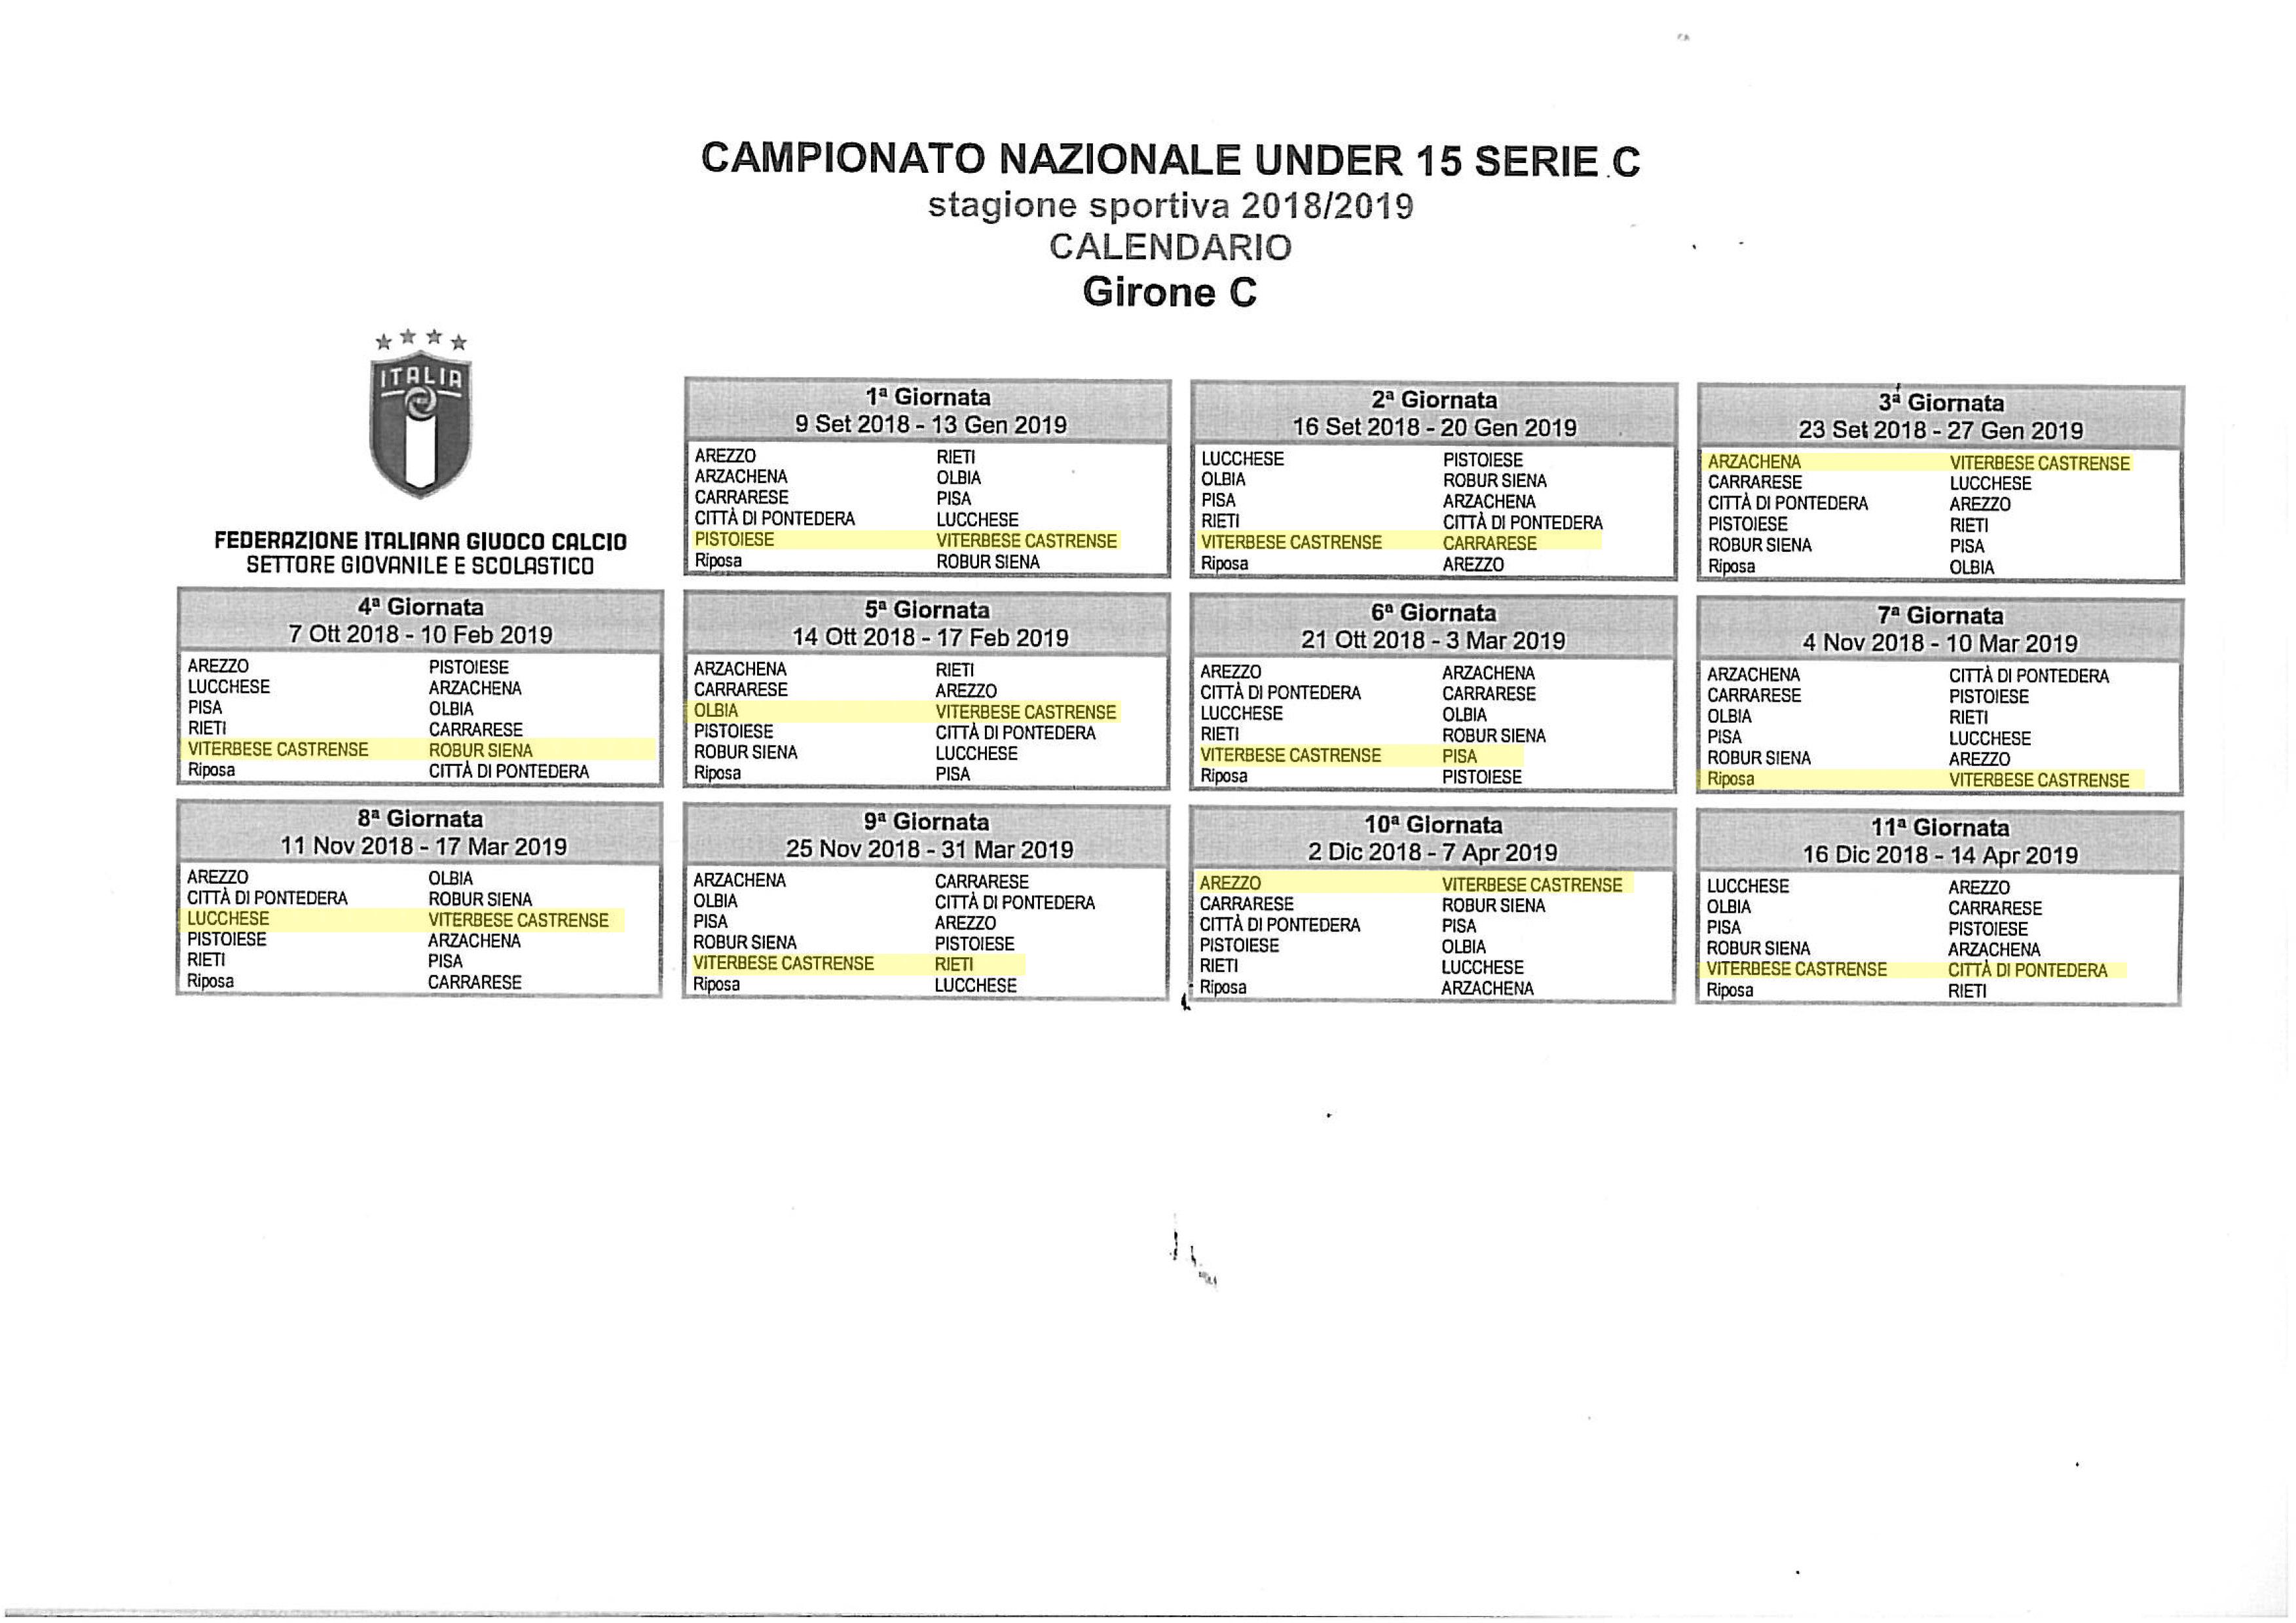 Calendario Arezzo Calcio.Calendario A S Viterbese Castrense